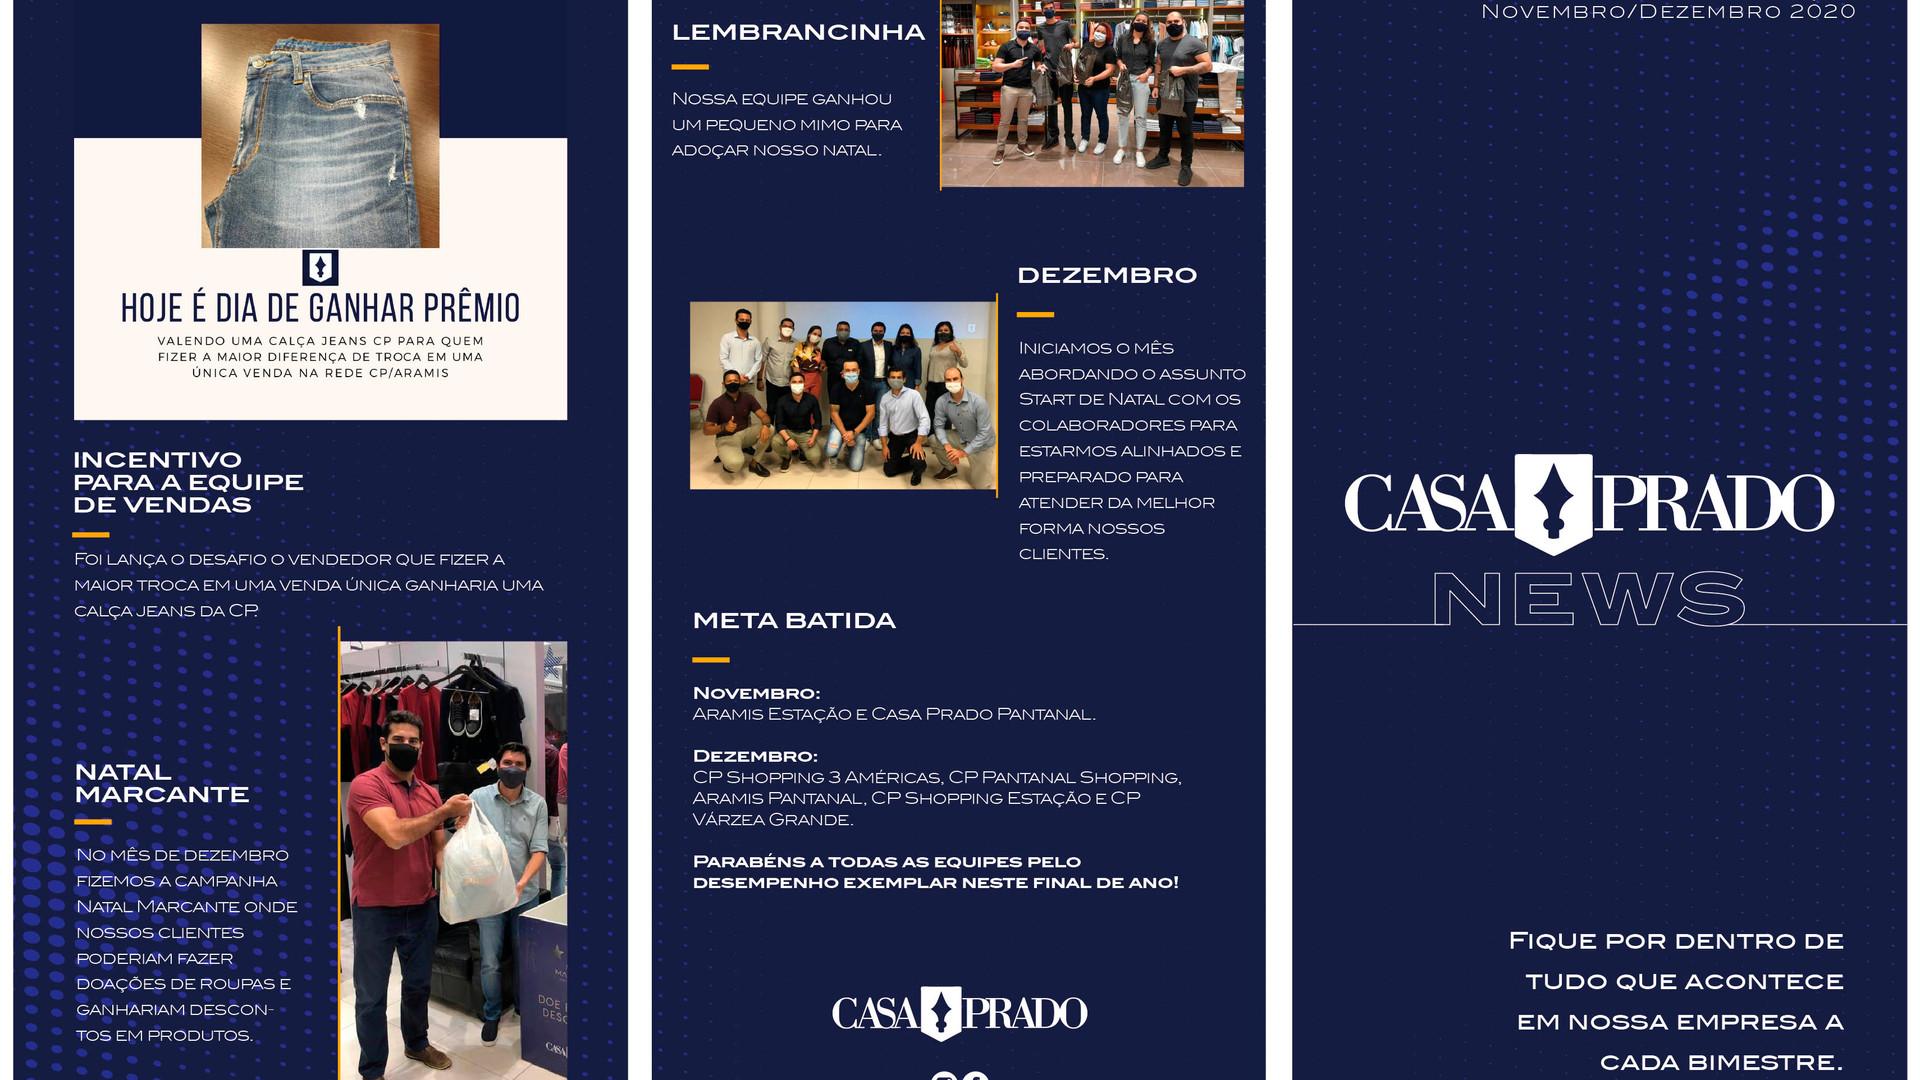 JAN_CASA_PRADO_NEWS_INTERNA_impresso_160